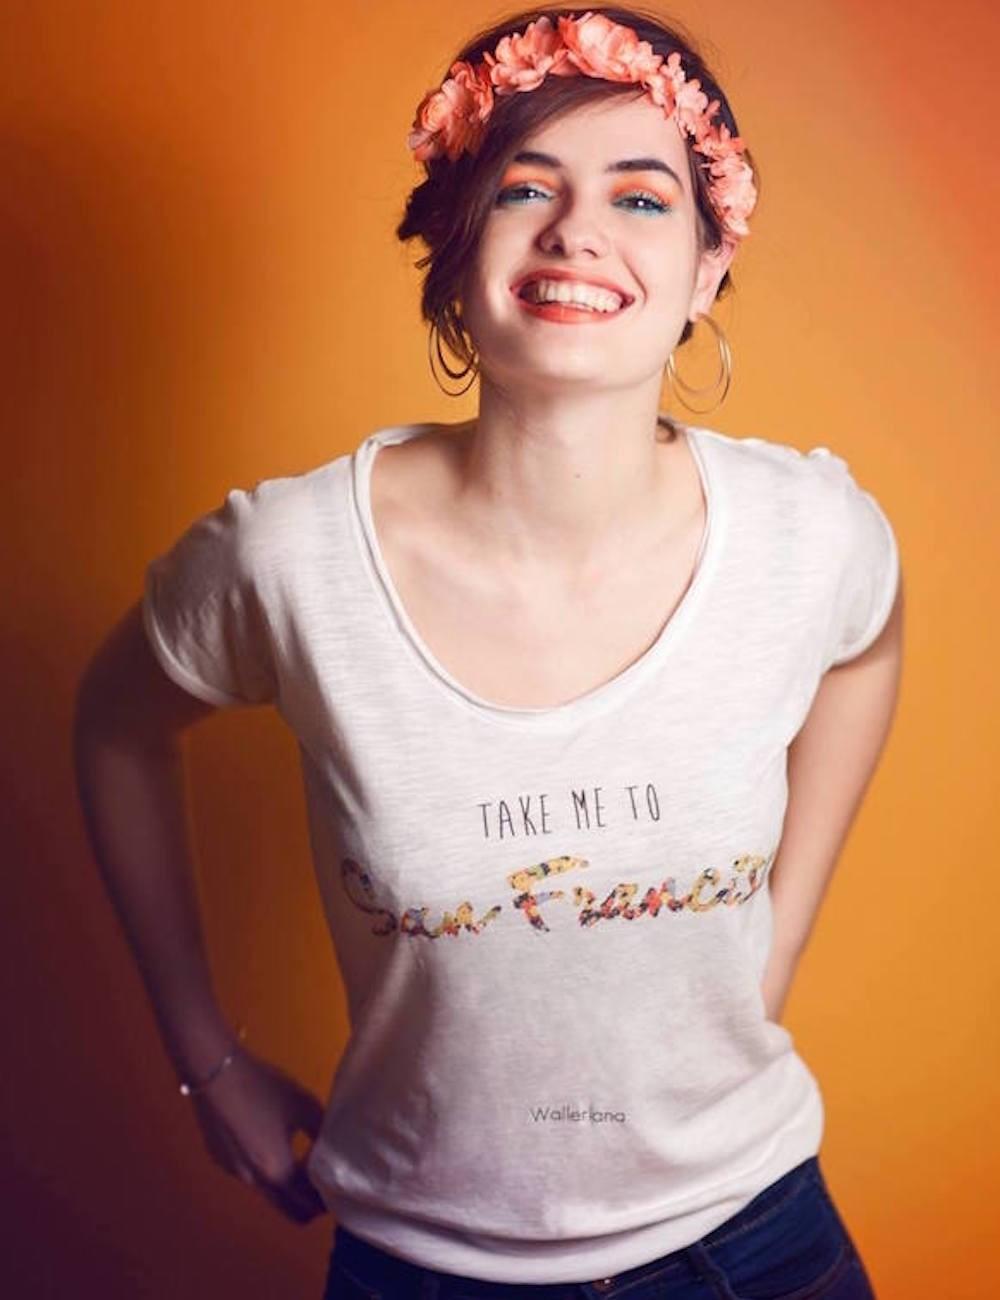 Le t-shirt Walleriana - coton bio, coupe flatteuse, fabriqué en France - modèle San Francisco